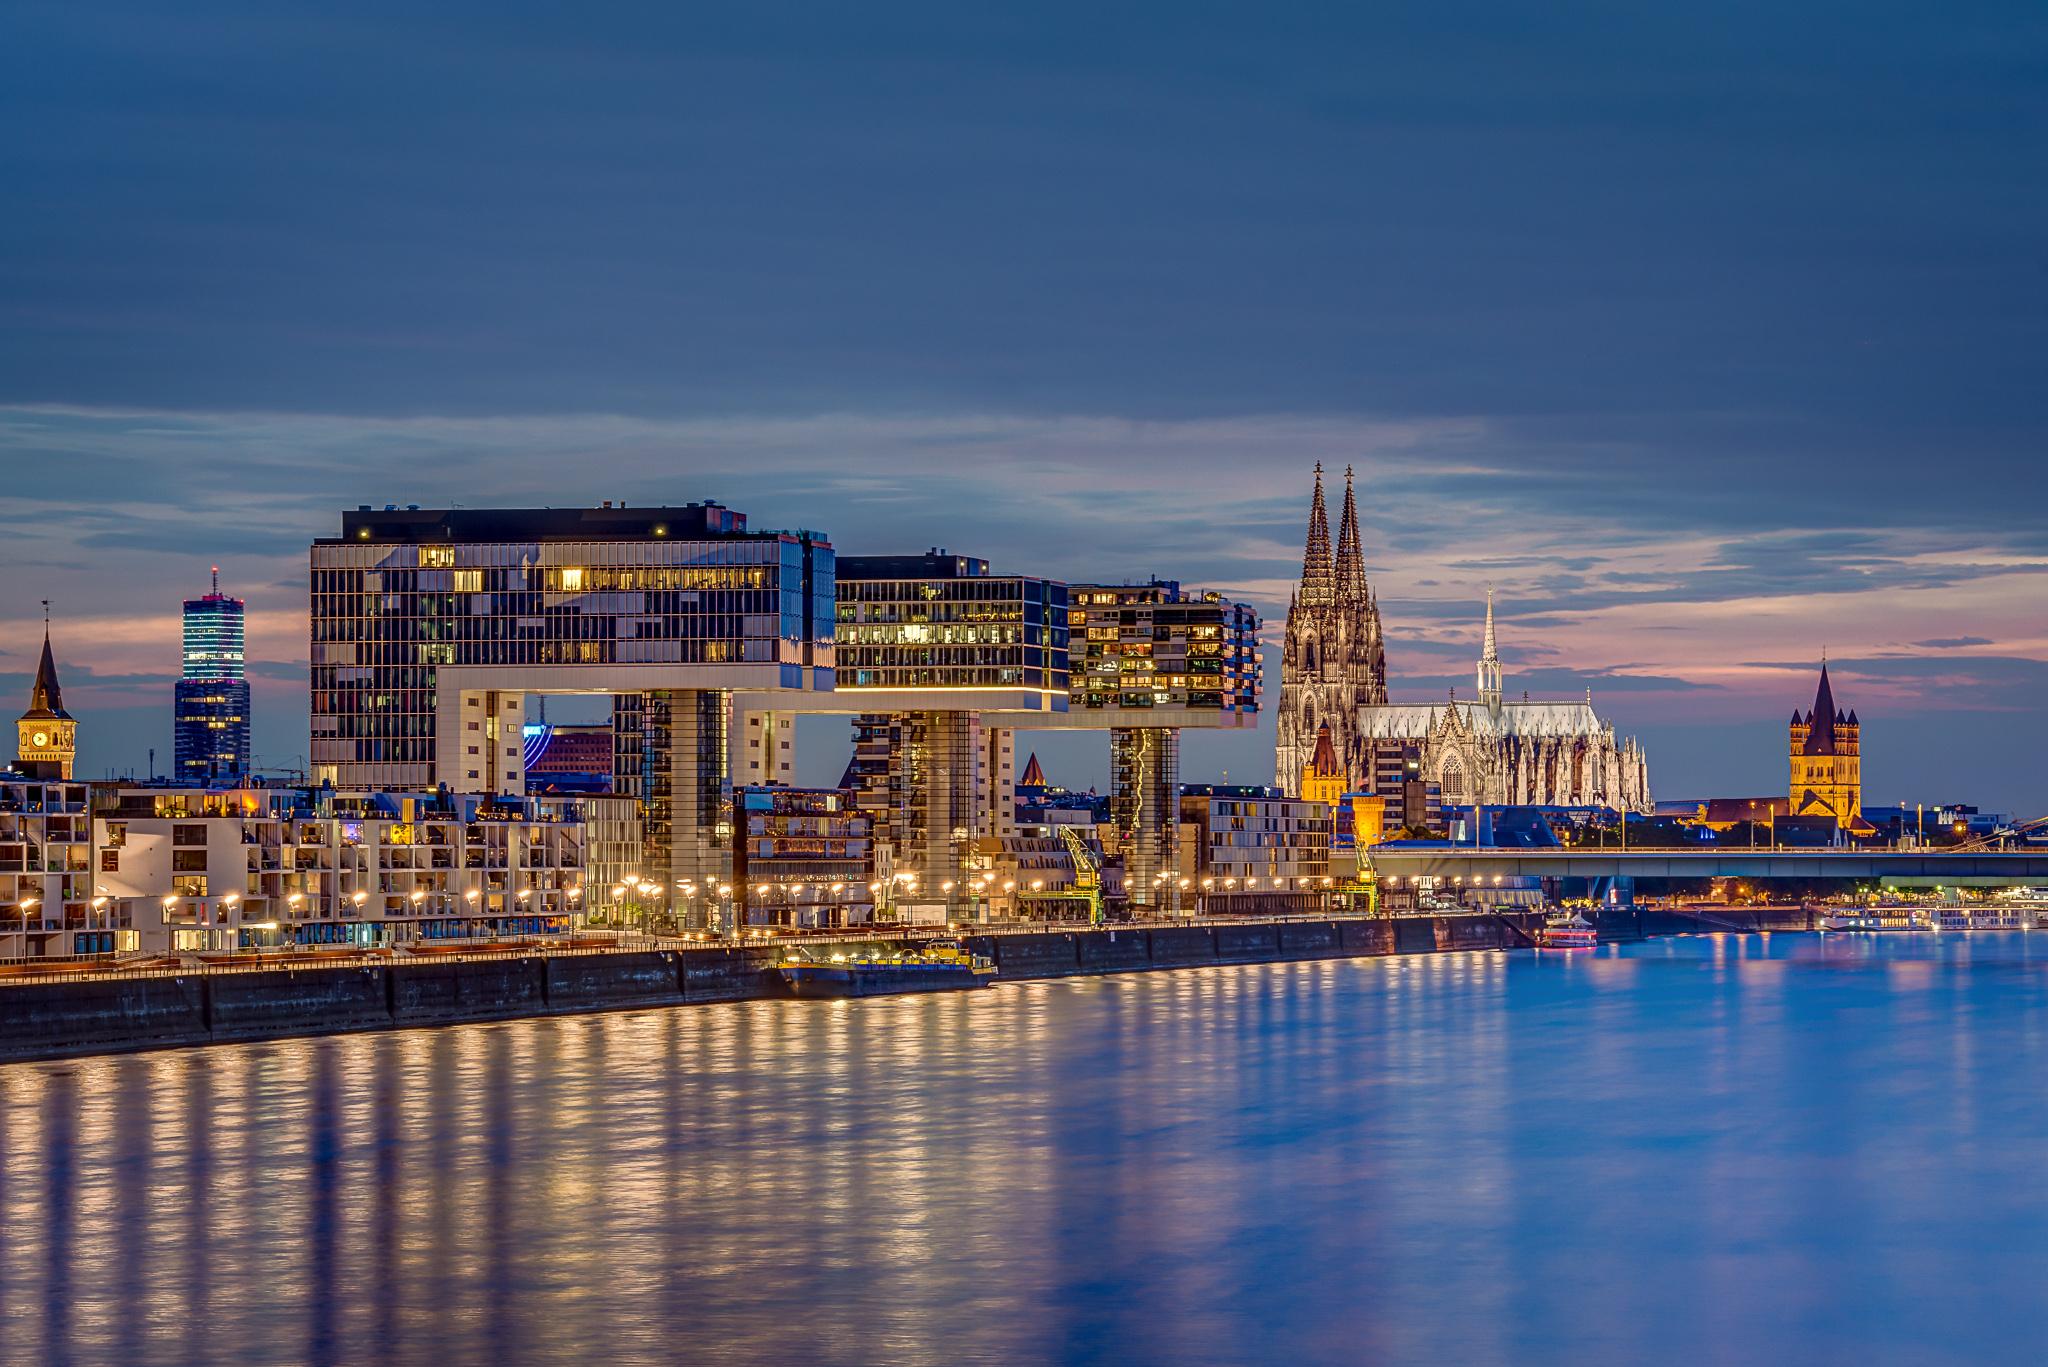 Kölner Dom die Kranhäuser, der Kölnturm im Mediapark und Groß St. Martin mit Rhein bei Sonnenuntergang